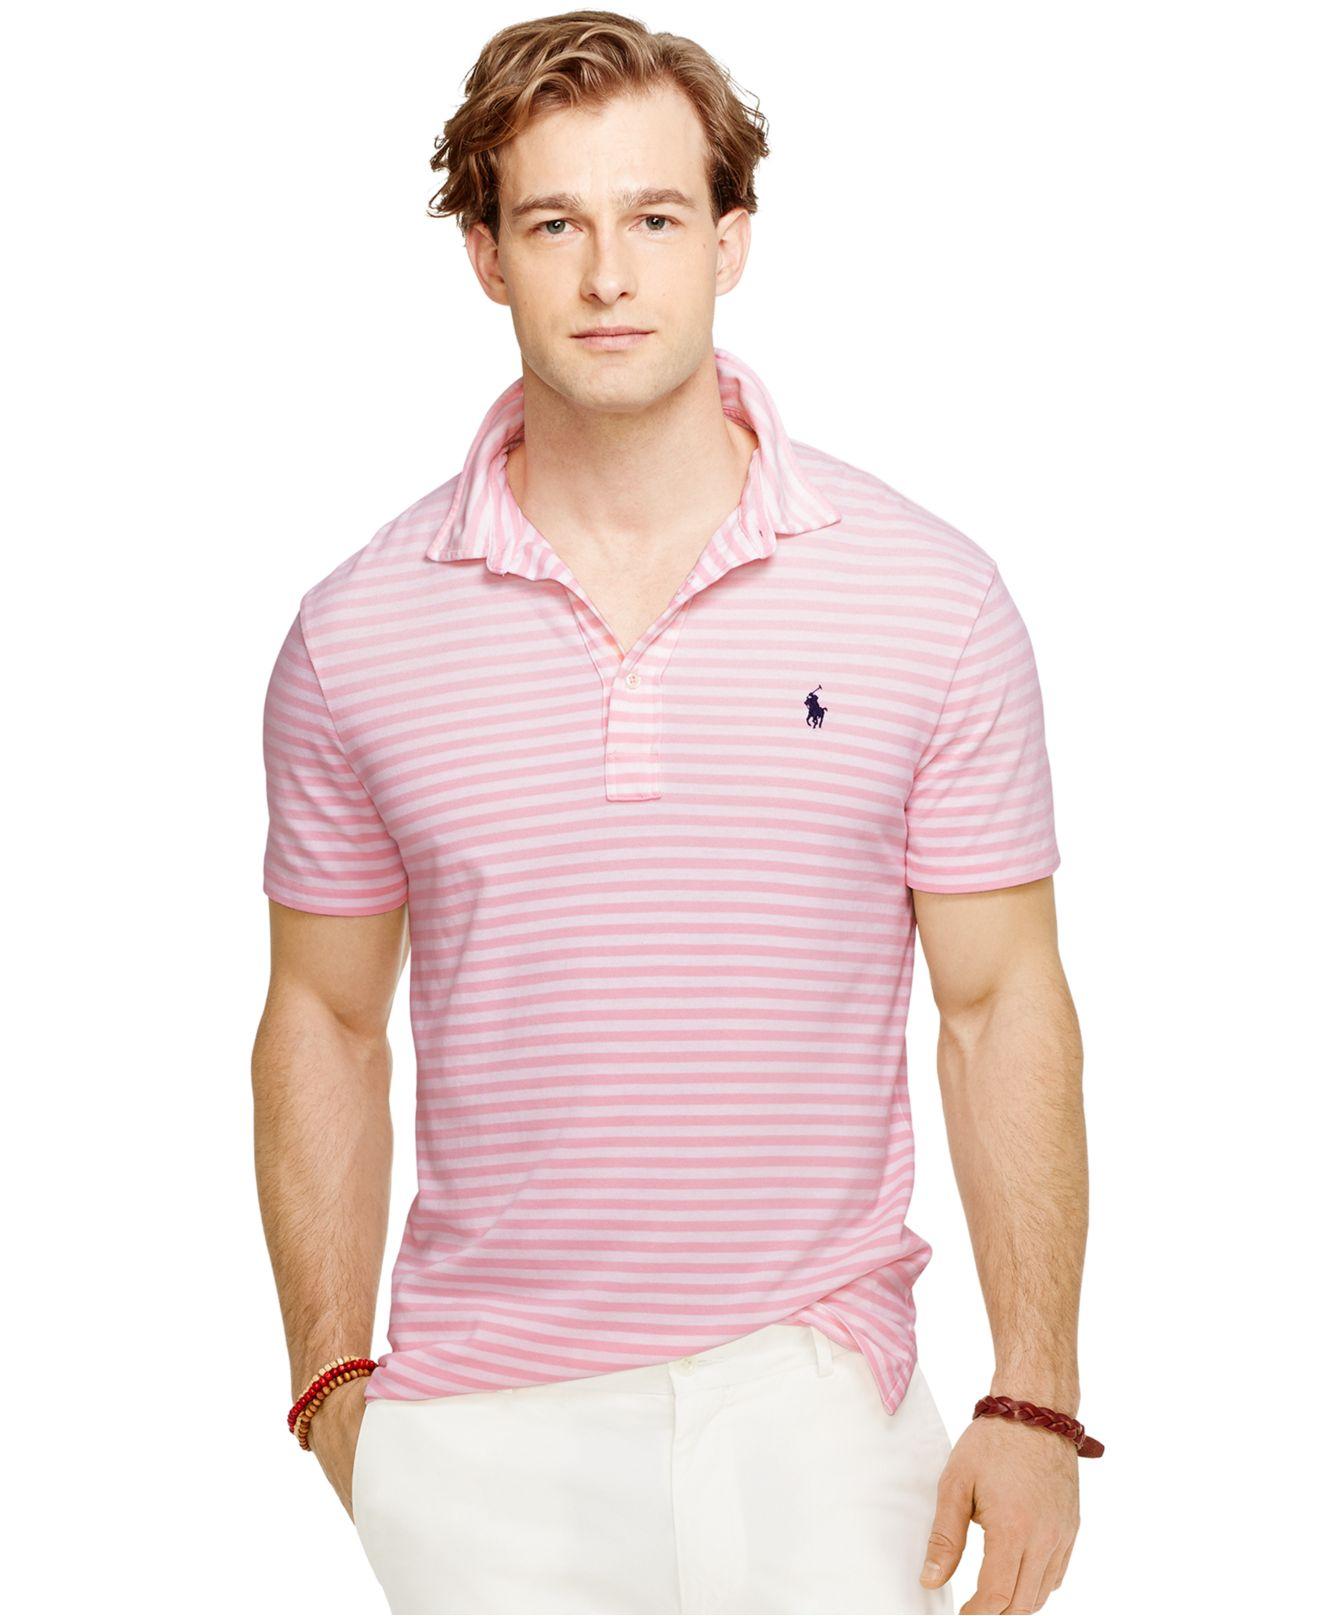 54c5a6e4 Macys Mens Polo Shirts Ralph Lauren | Top Mode Depot